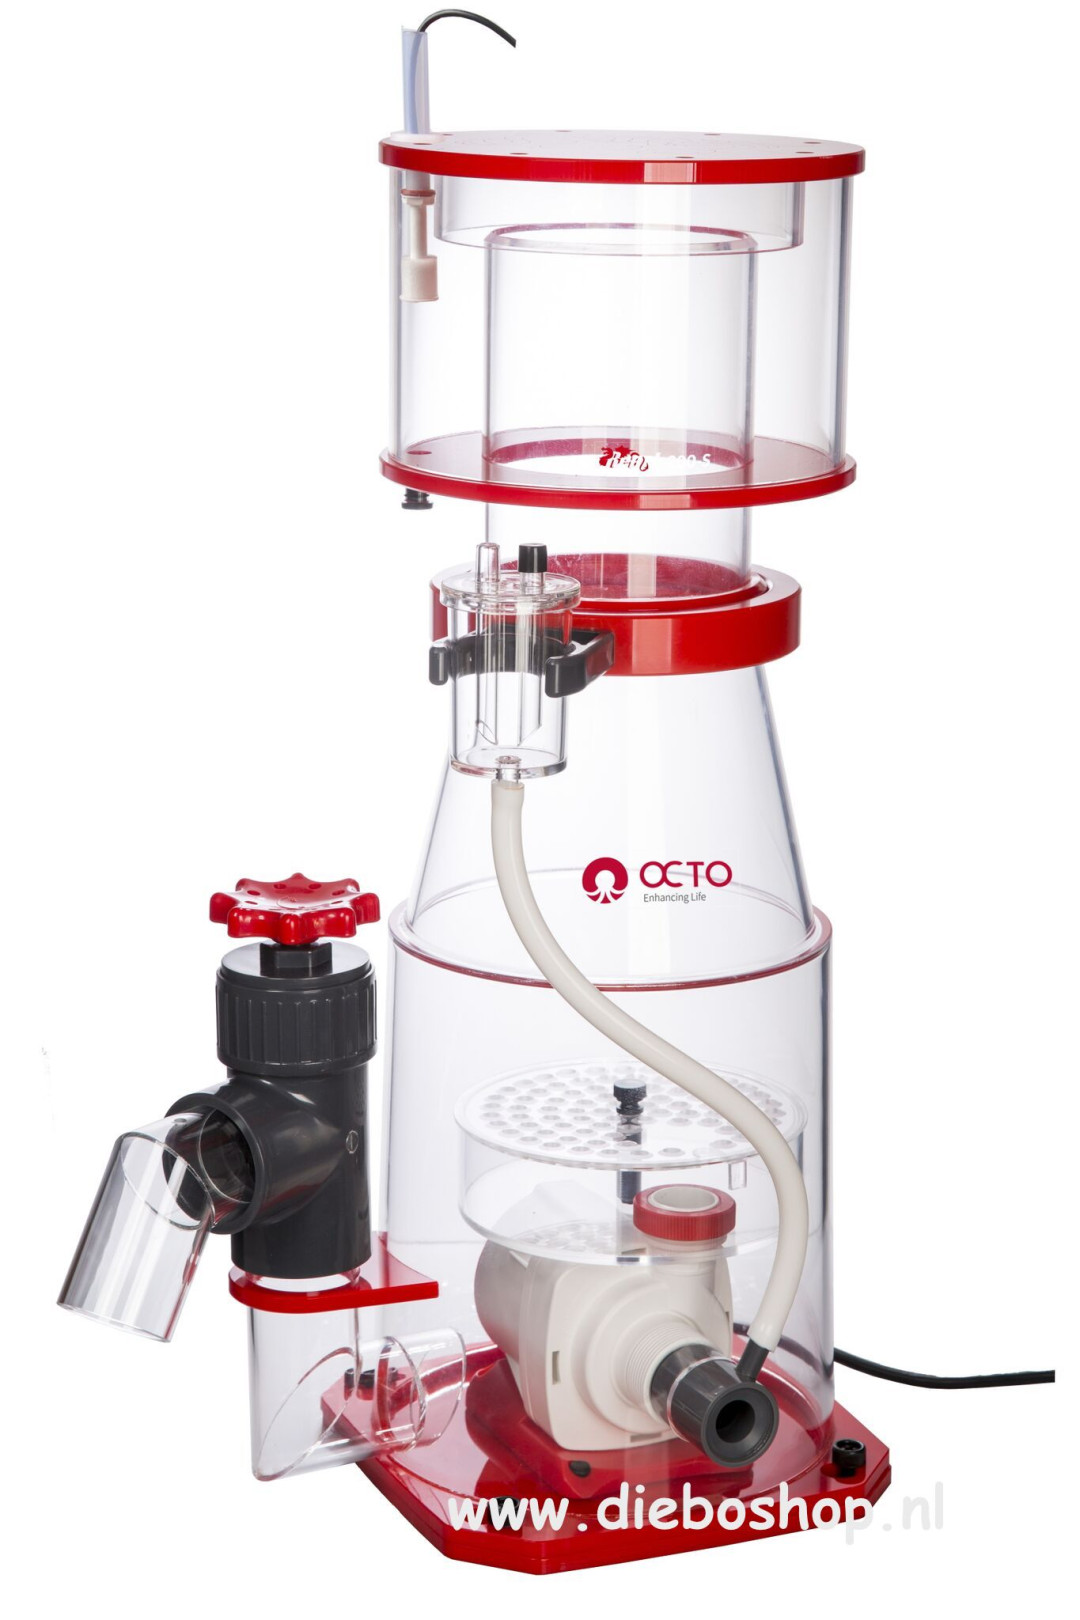 Octo Regal 200-S Skimmer